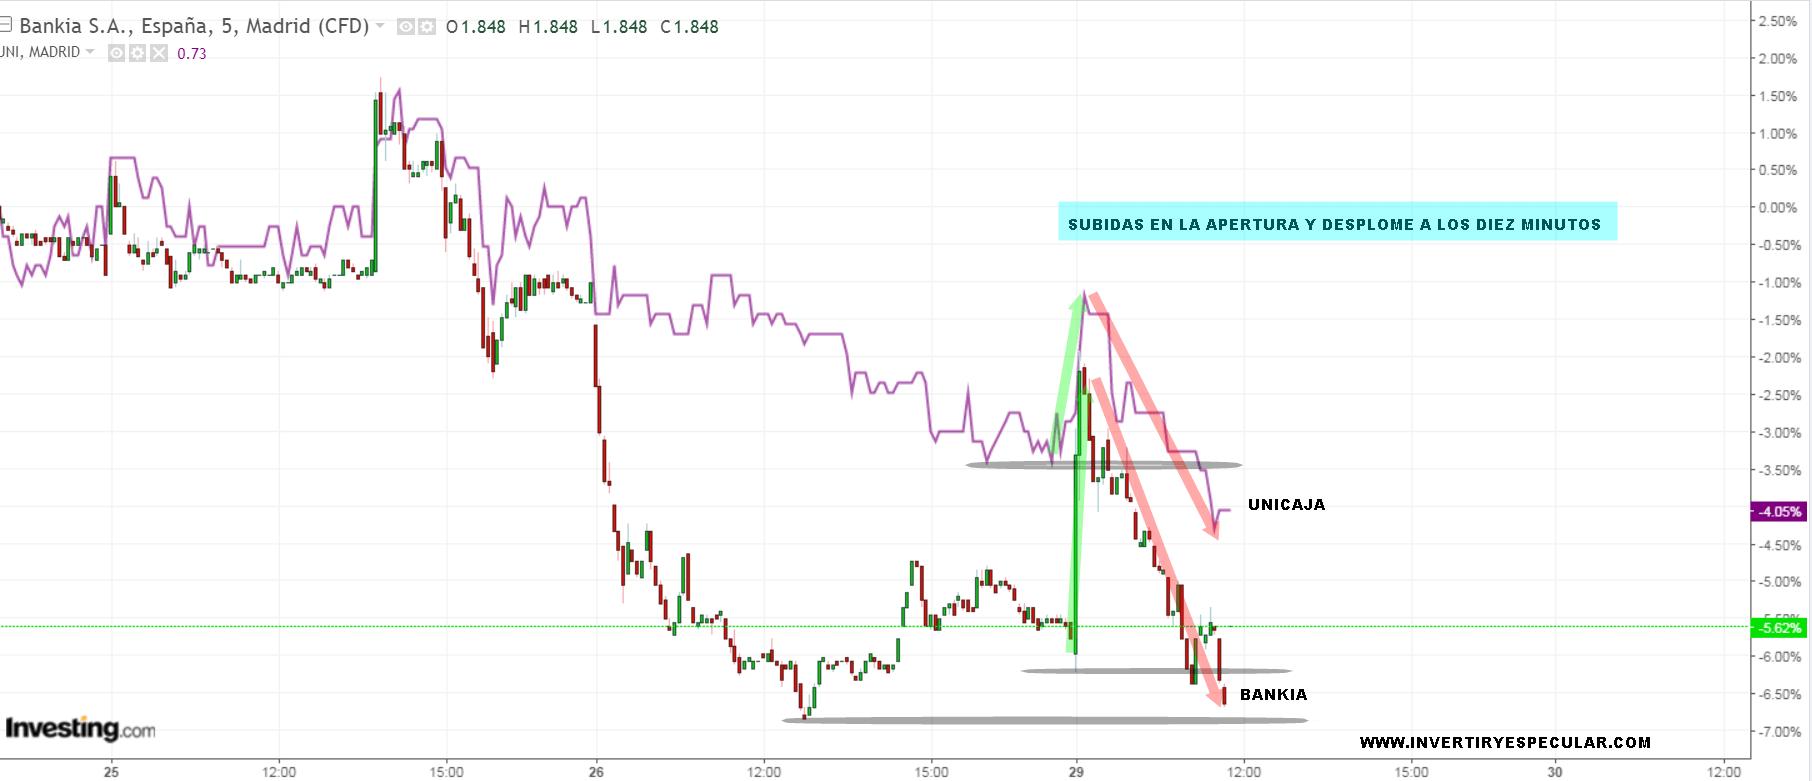 Bankia y Unicaja presentan diferentes resultados pero hacen lo mismo en bolsa